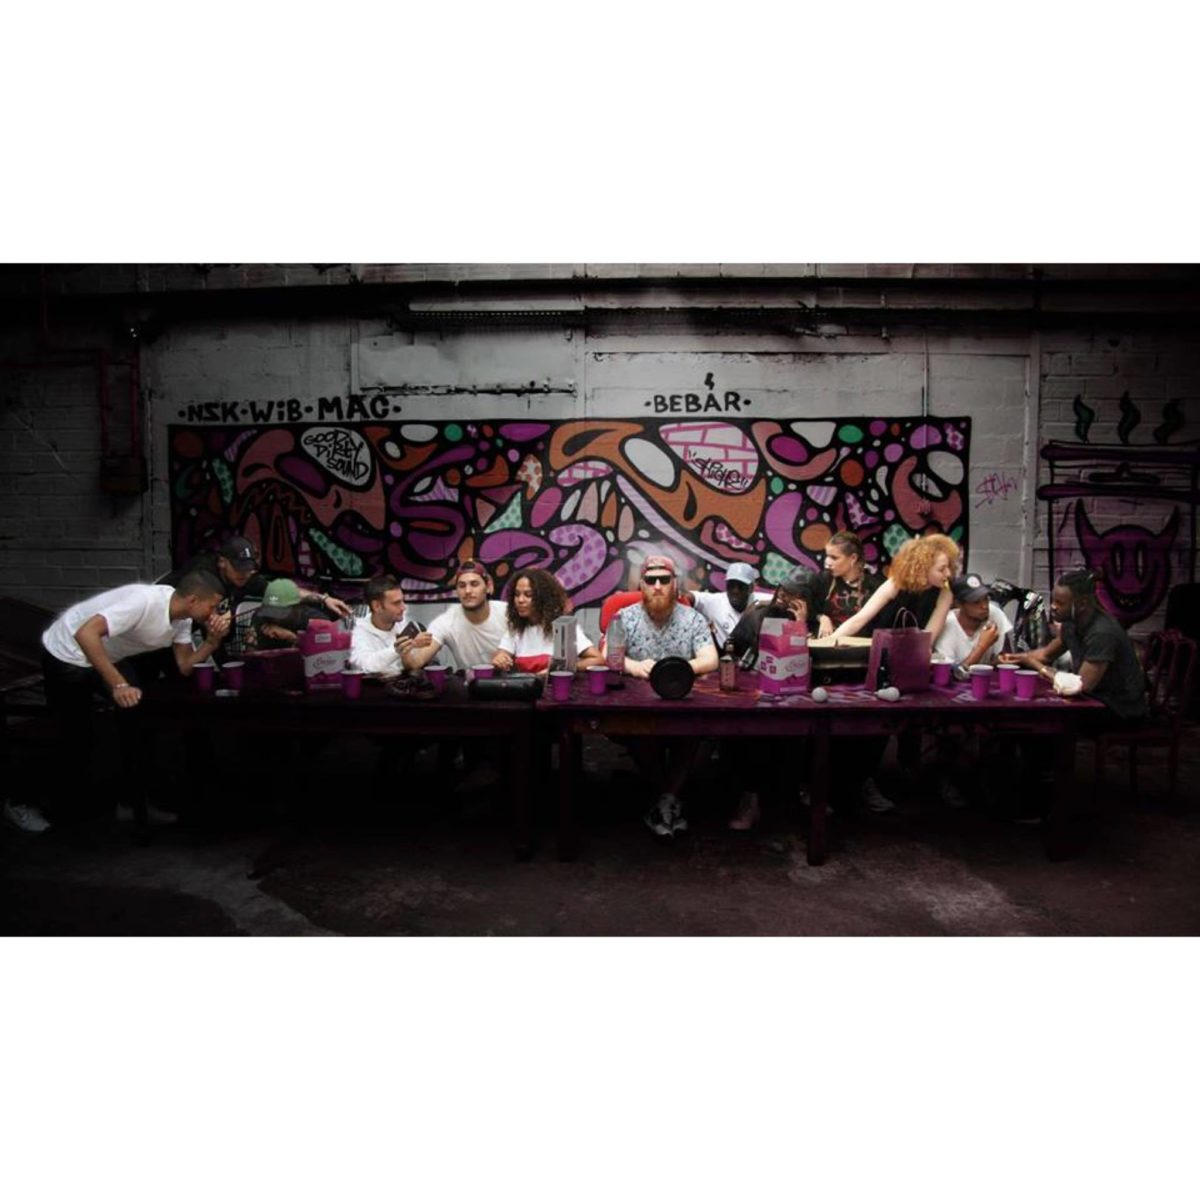 goodirtysound 2 gds squat soirees paris underground - Goodirtysound, le collectif qui secoue les nuits parisiennes, recherche un nouveau spot !